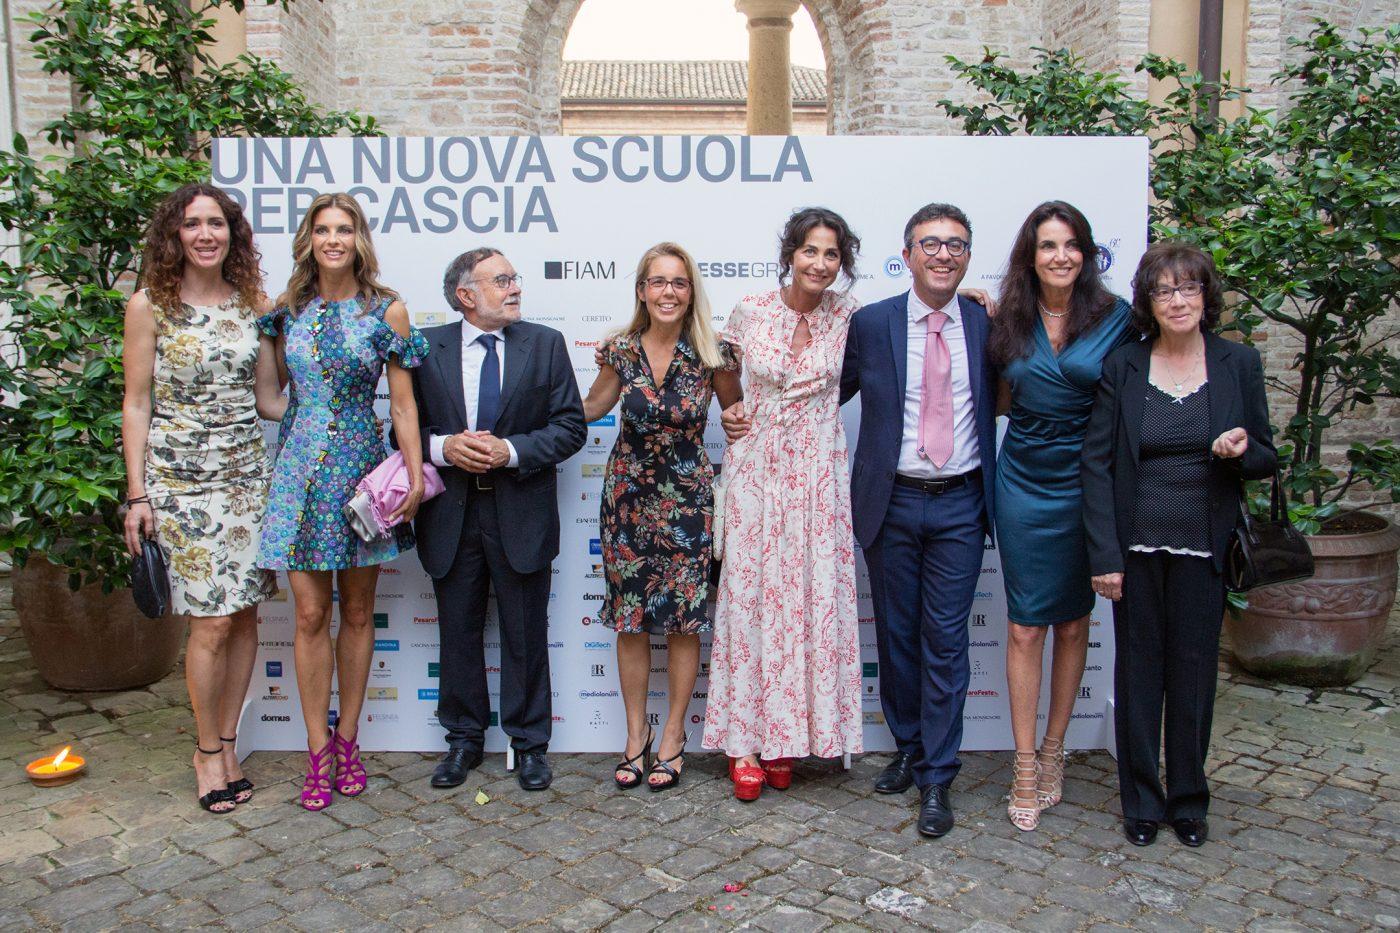 Cena de caridad: Una nueva escuela para Cascia